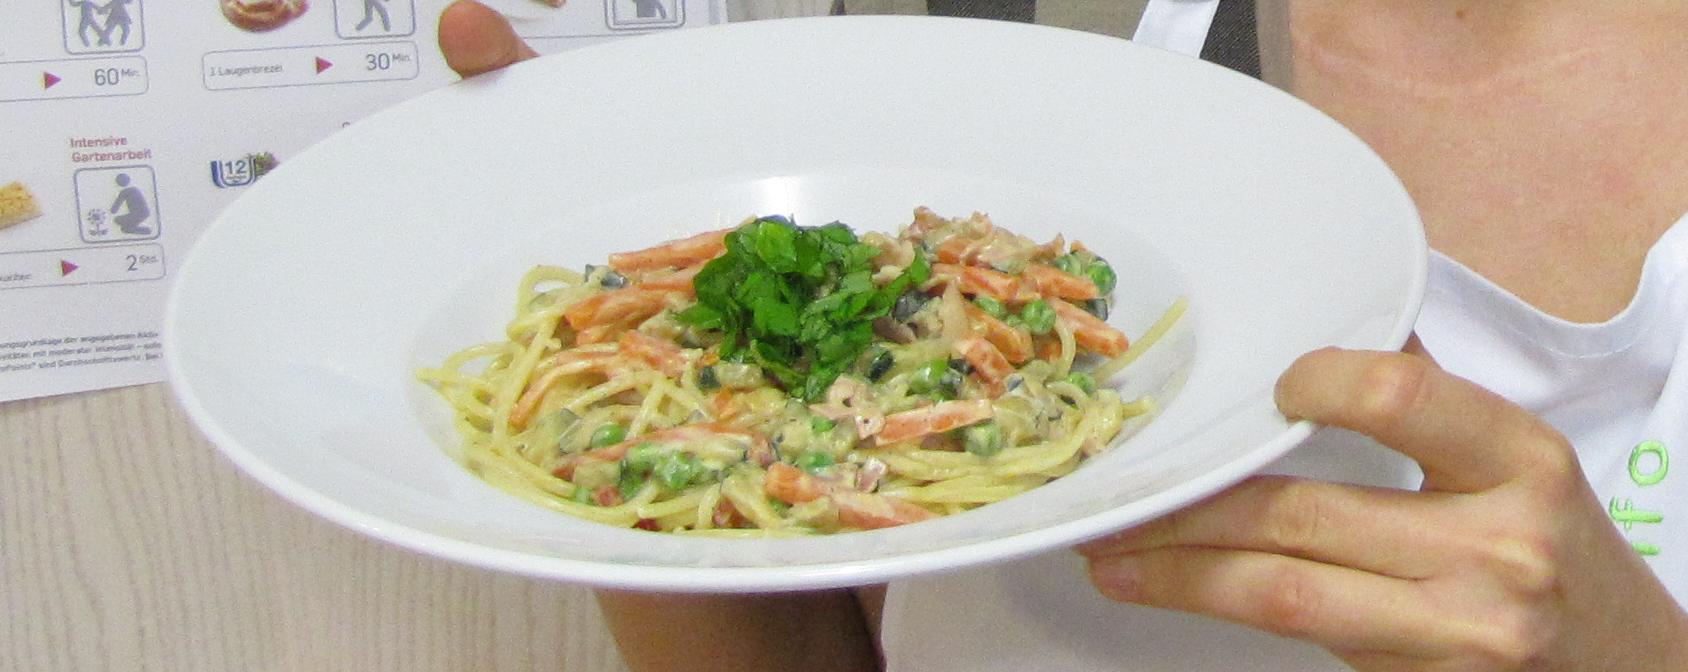 Sattmacher Pasta mit Gemüse und Schinken